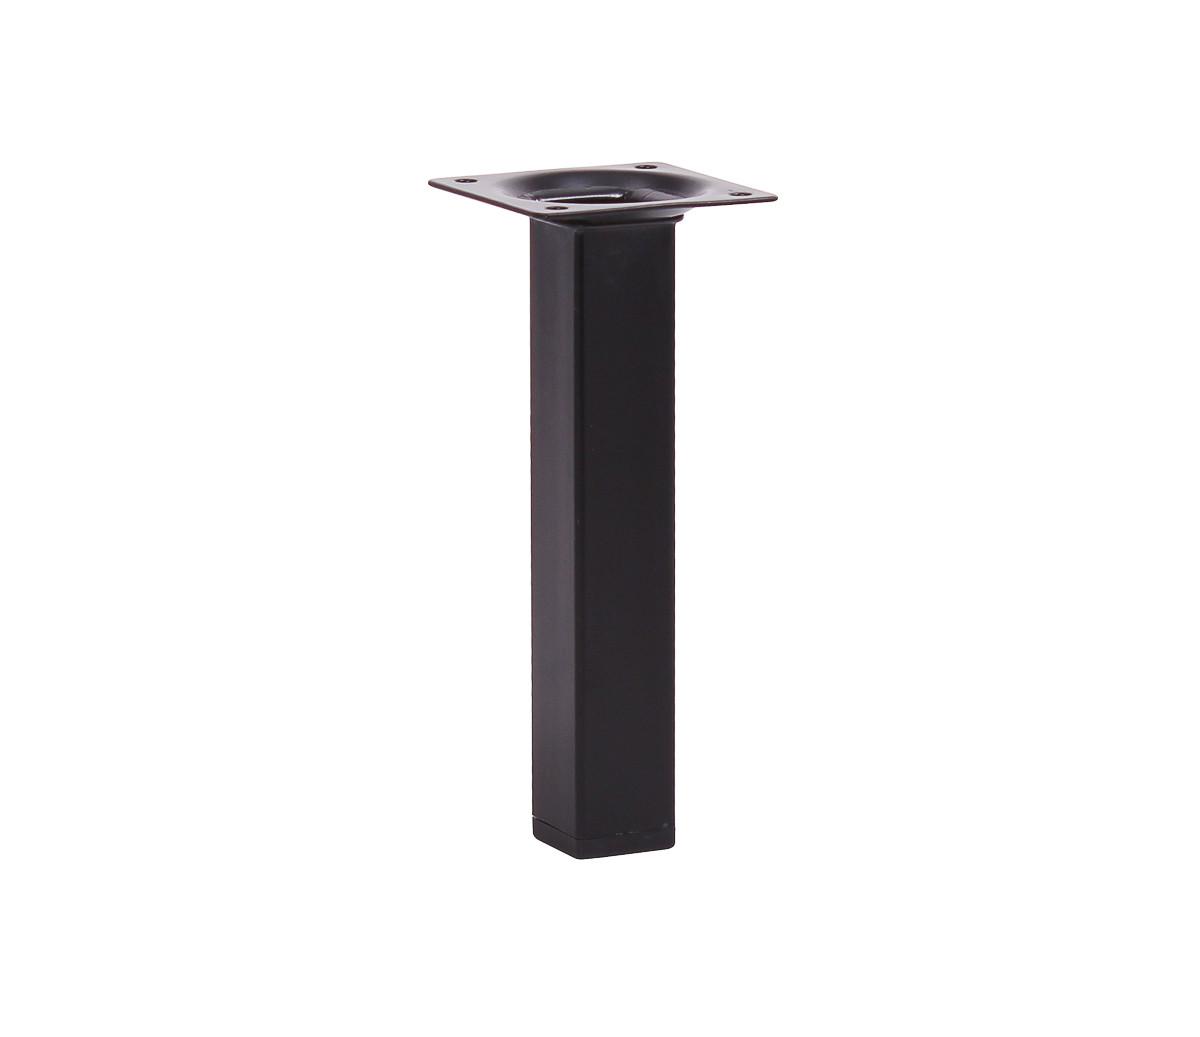 Мебельная нога Larvij 150 x 25 мм черная (L61S15BL25). Мебельная ножка. Мебельная опора. Квадратная